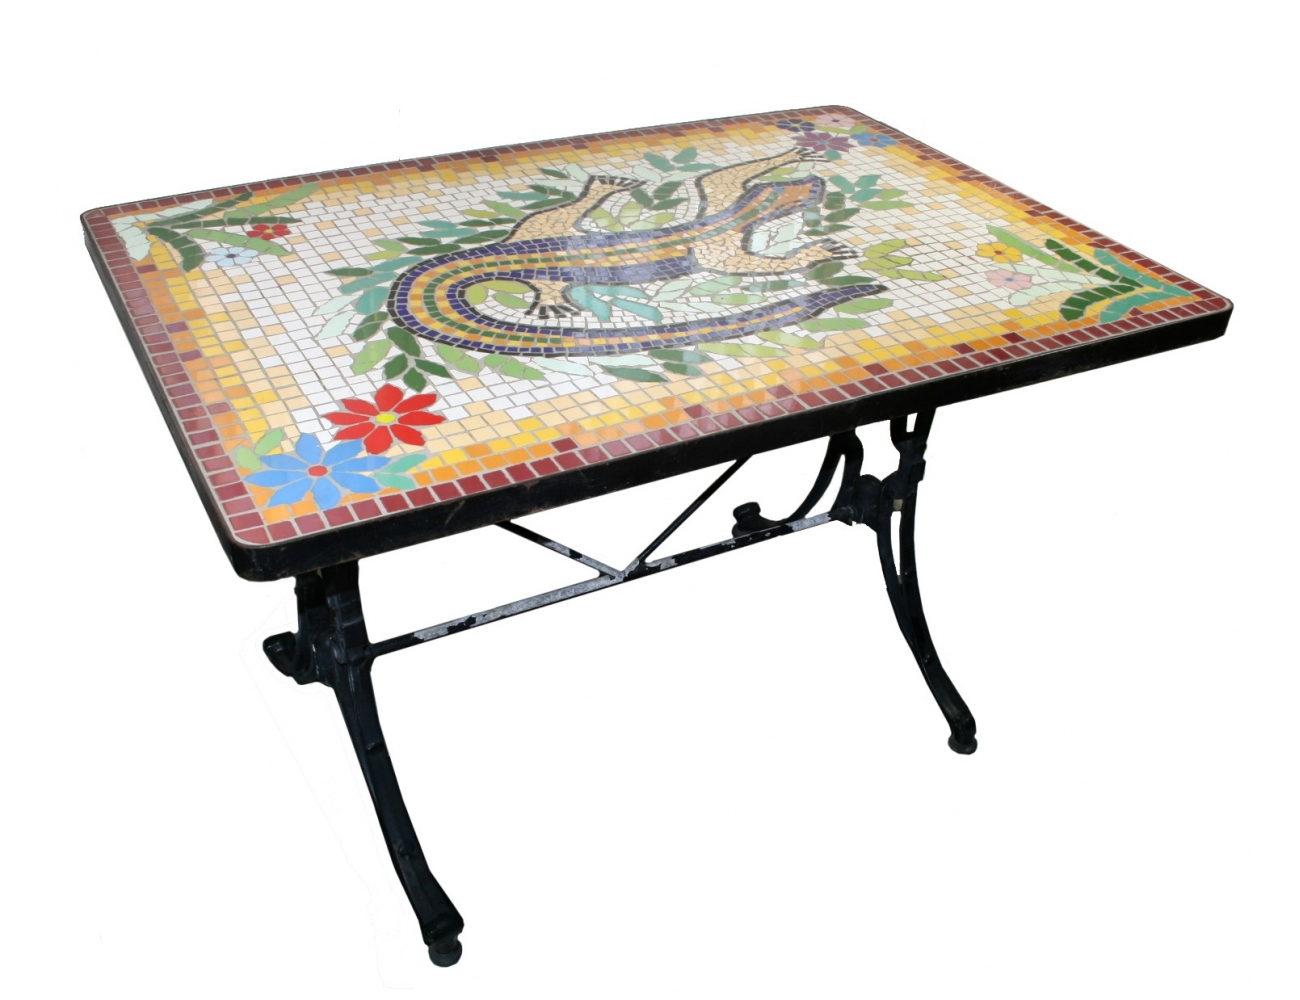 Mesa rectangular con mosaico de lagarto - CollectionWorld.net